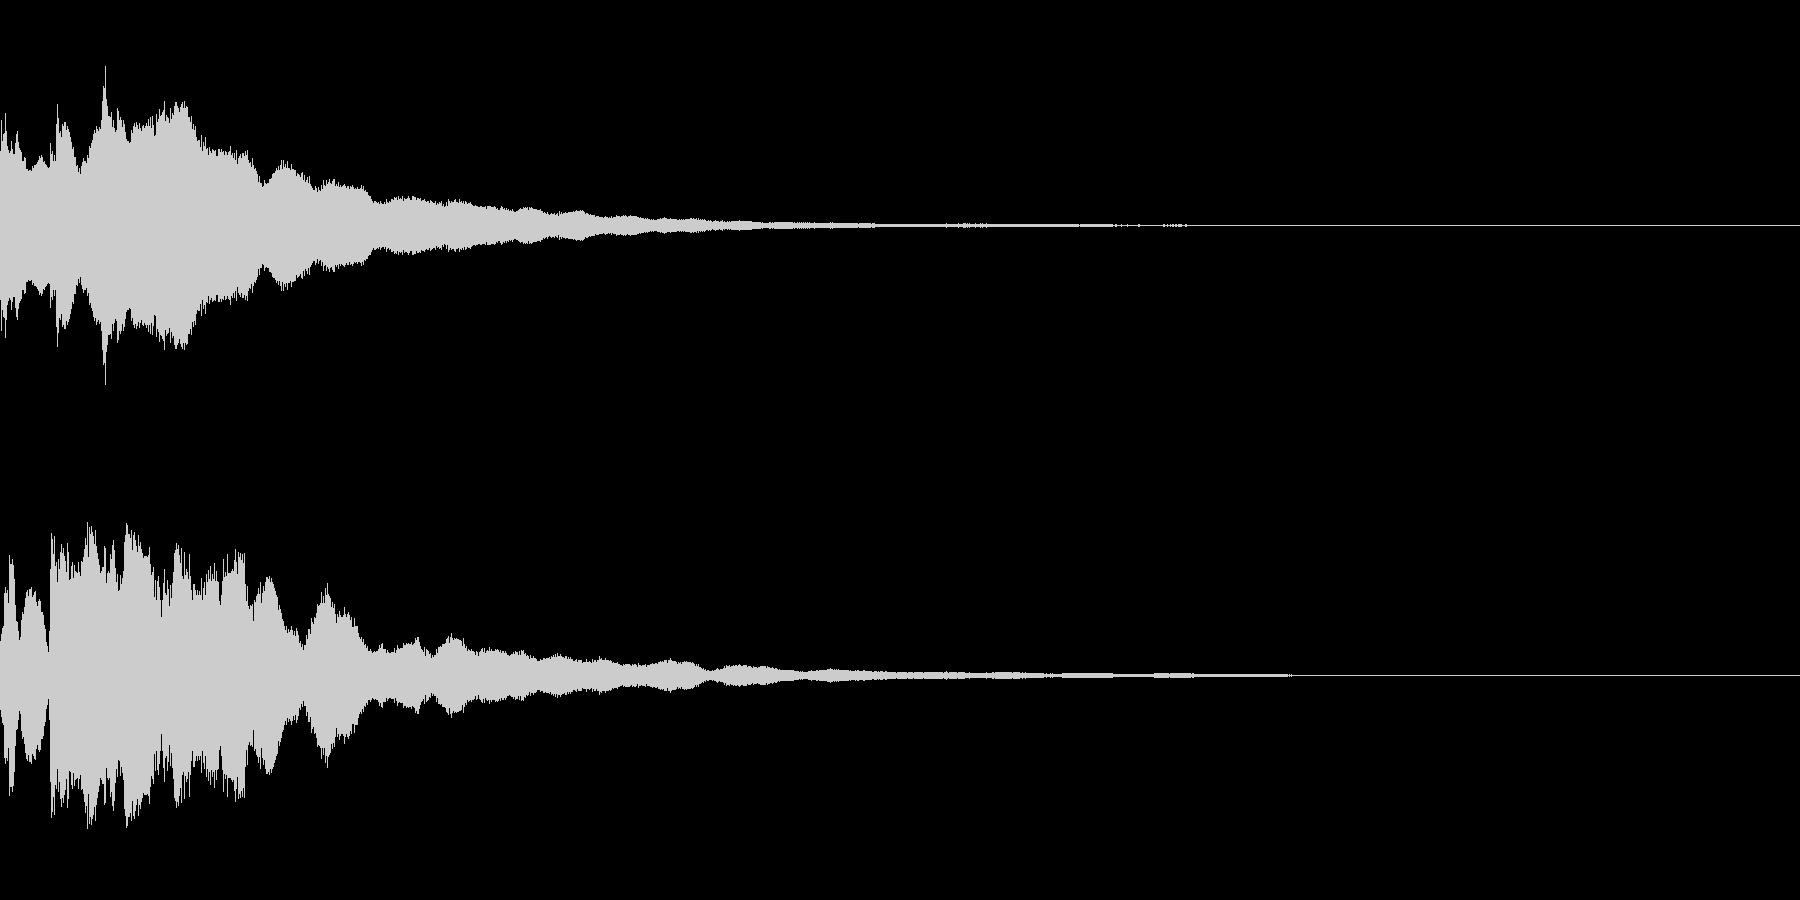 正解の音。「ピンポンピンポン」の未再生の波形